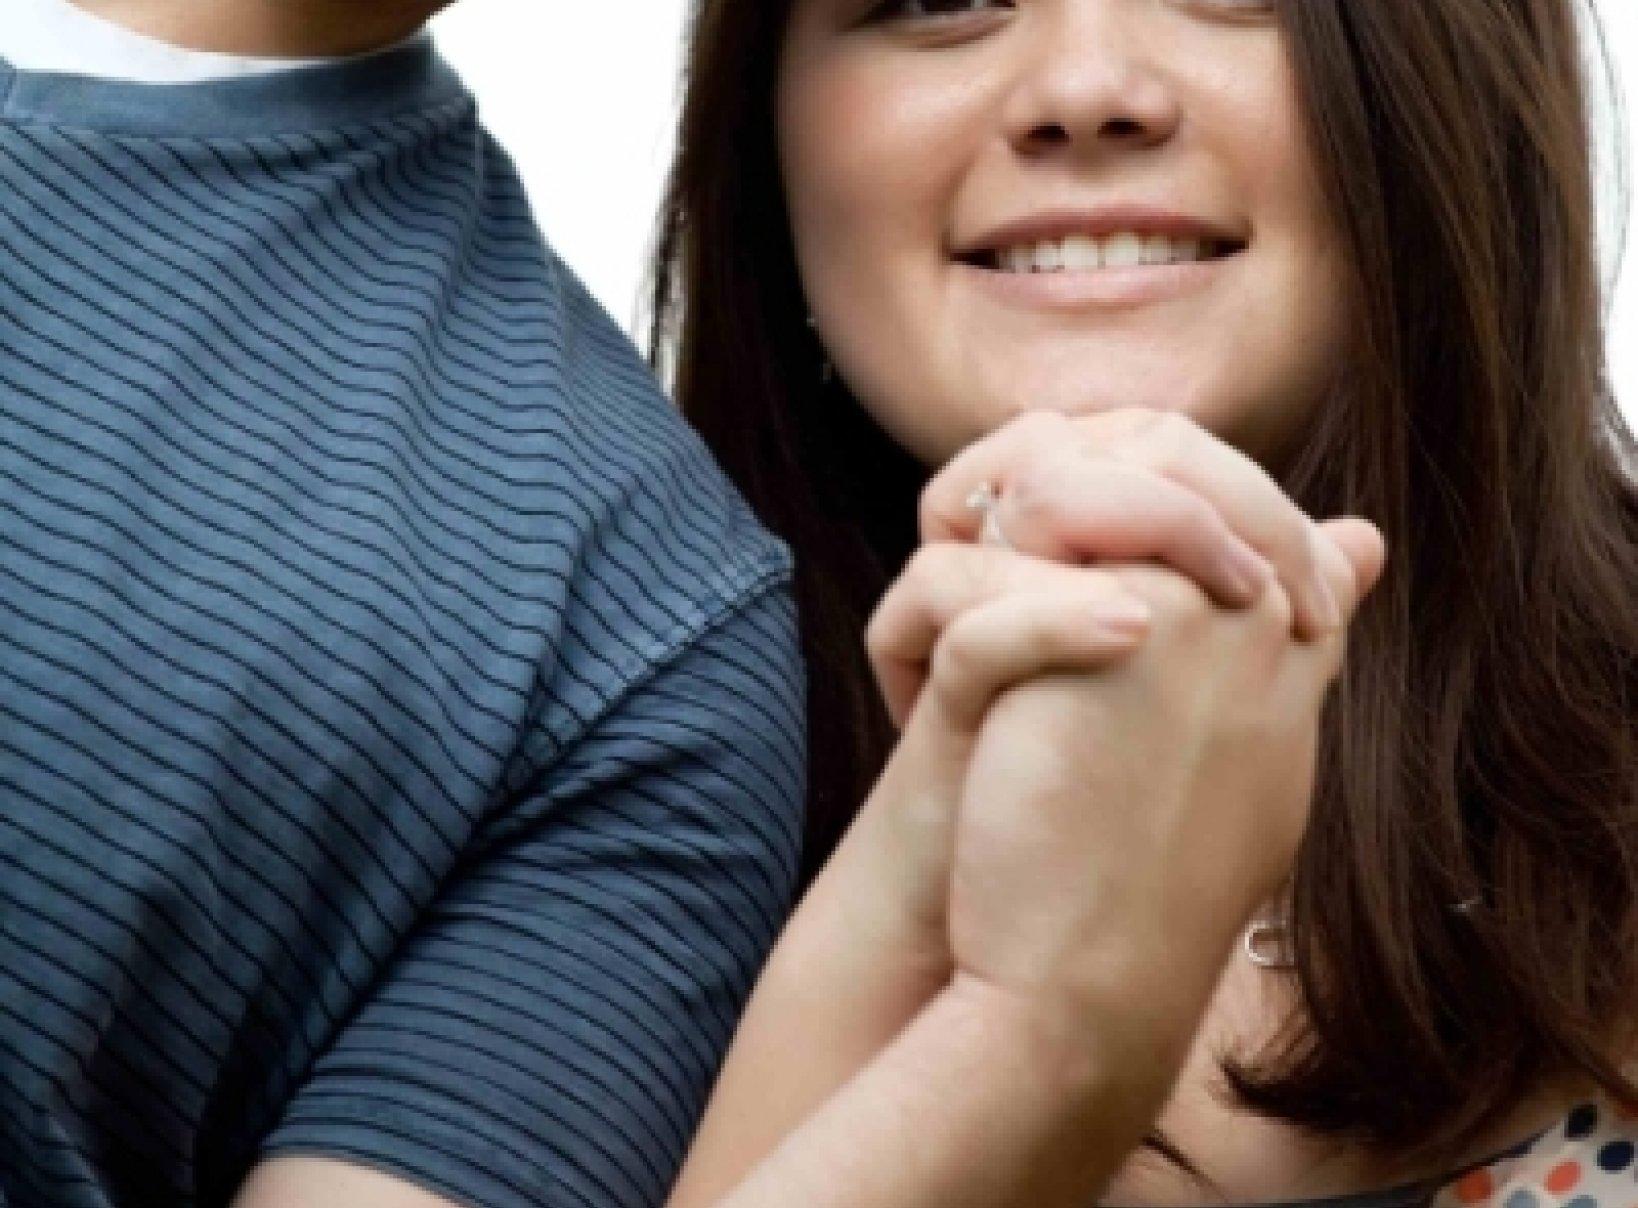 serwis randkowy dla koreańskich facetówzbyt wolne randki